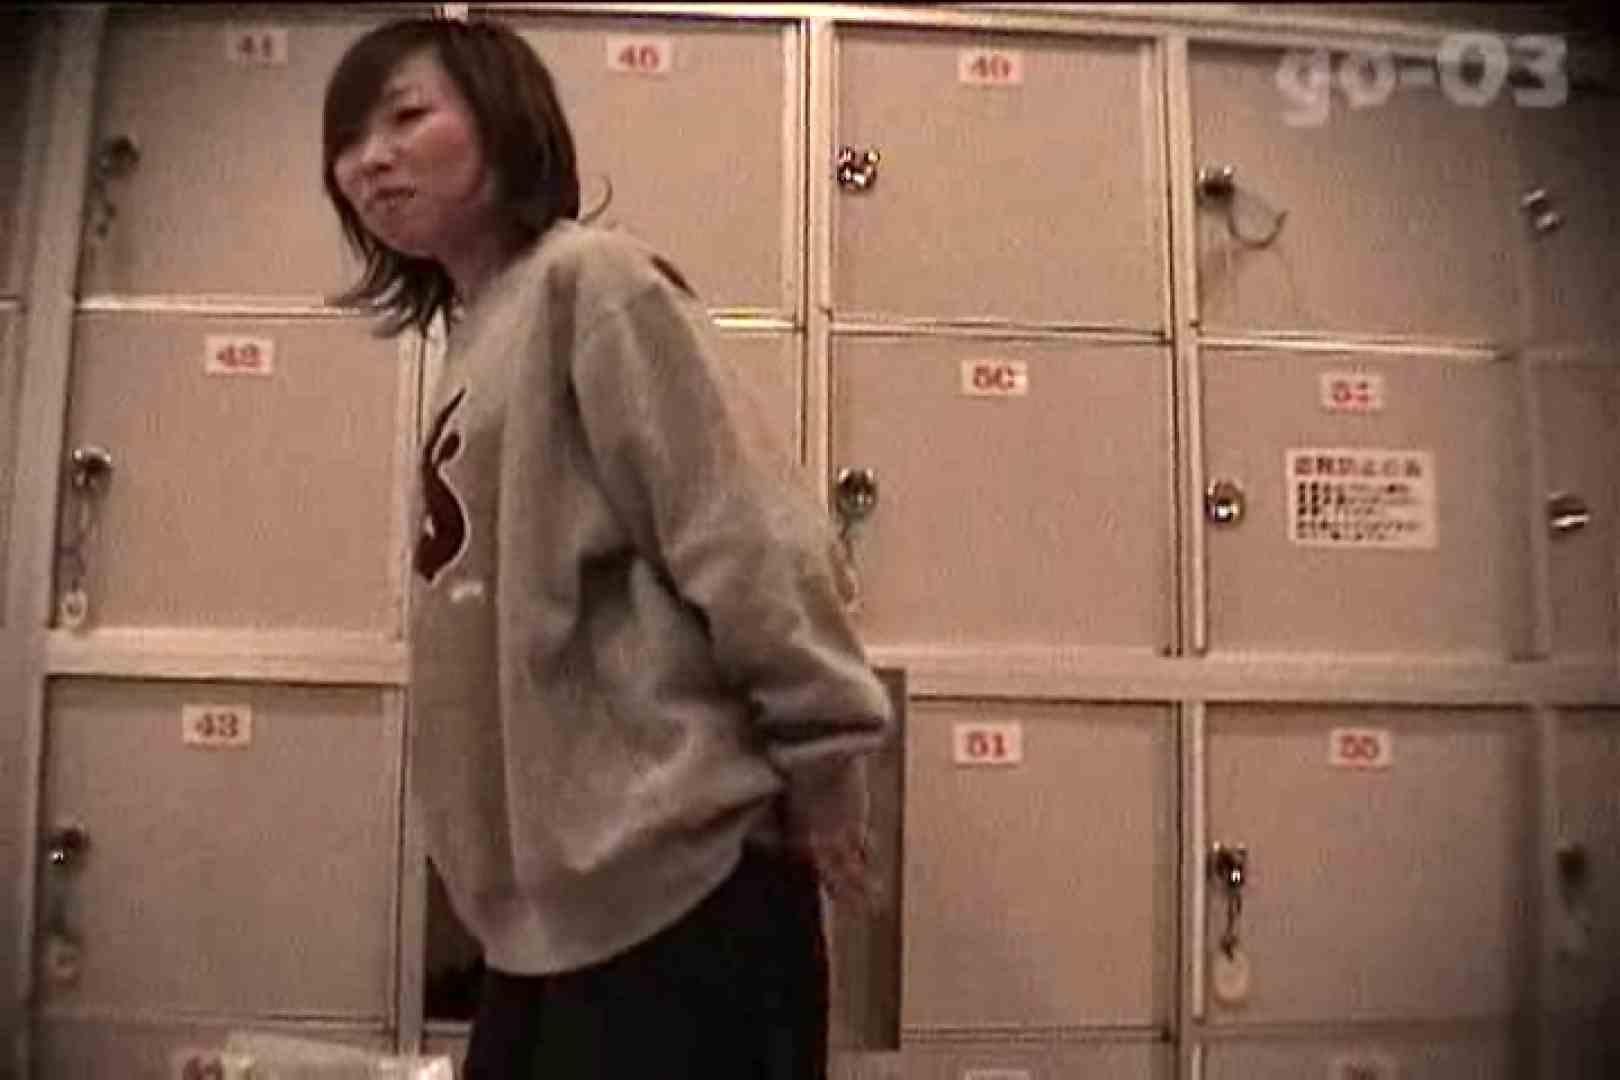 電波カメラ設置浴場からの防HAN映像 Vol.03 高評価  92PIX 15